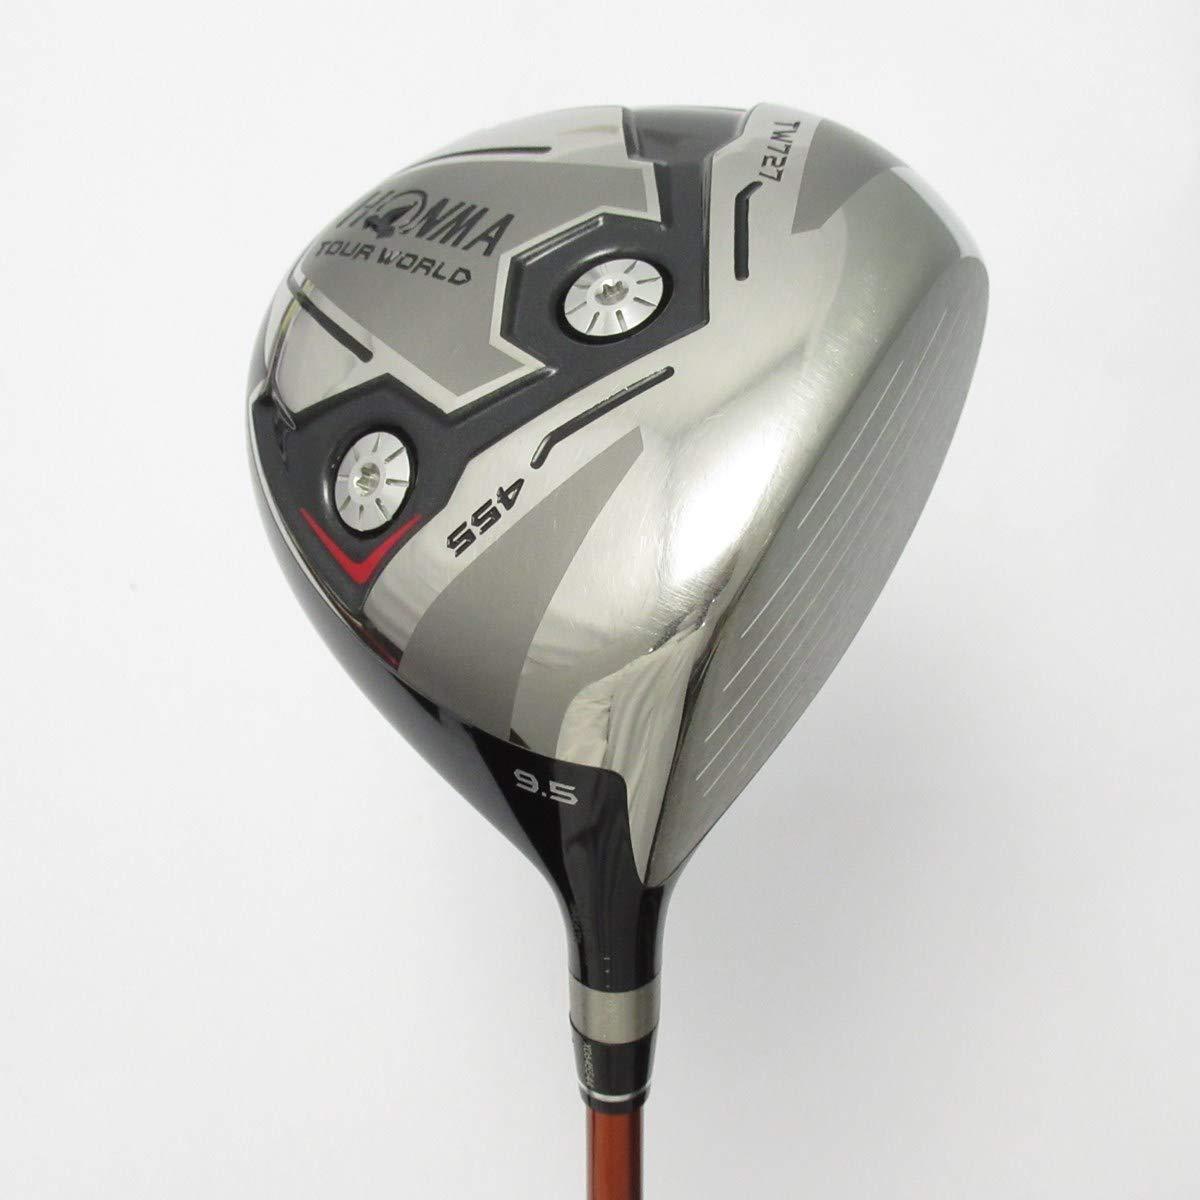 【中古】本間ゴルフ TOUR WORLD ツアーワールド TW727 455 ドライバー VIZARD YC65 B07T4WG2T4  S